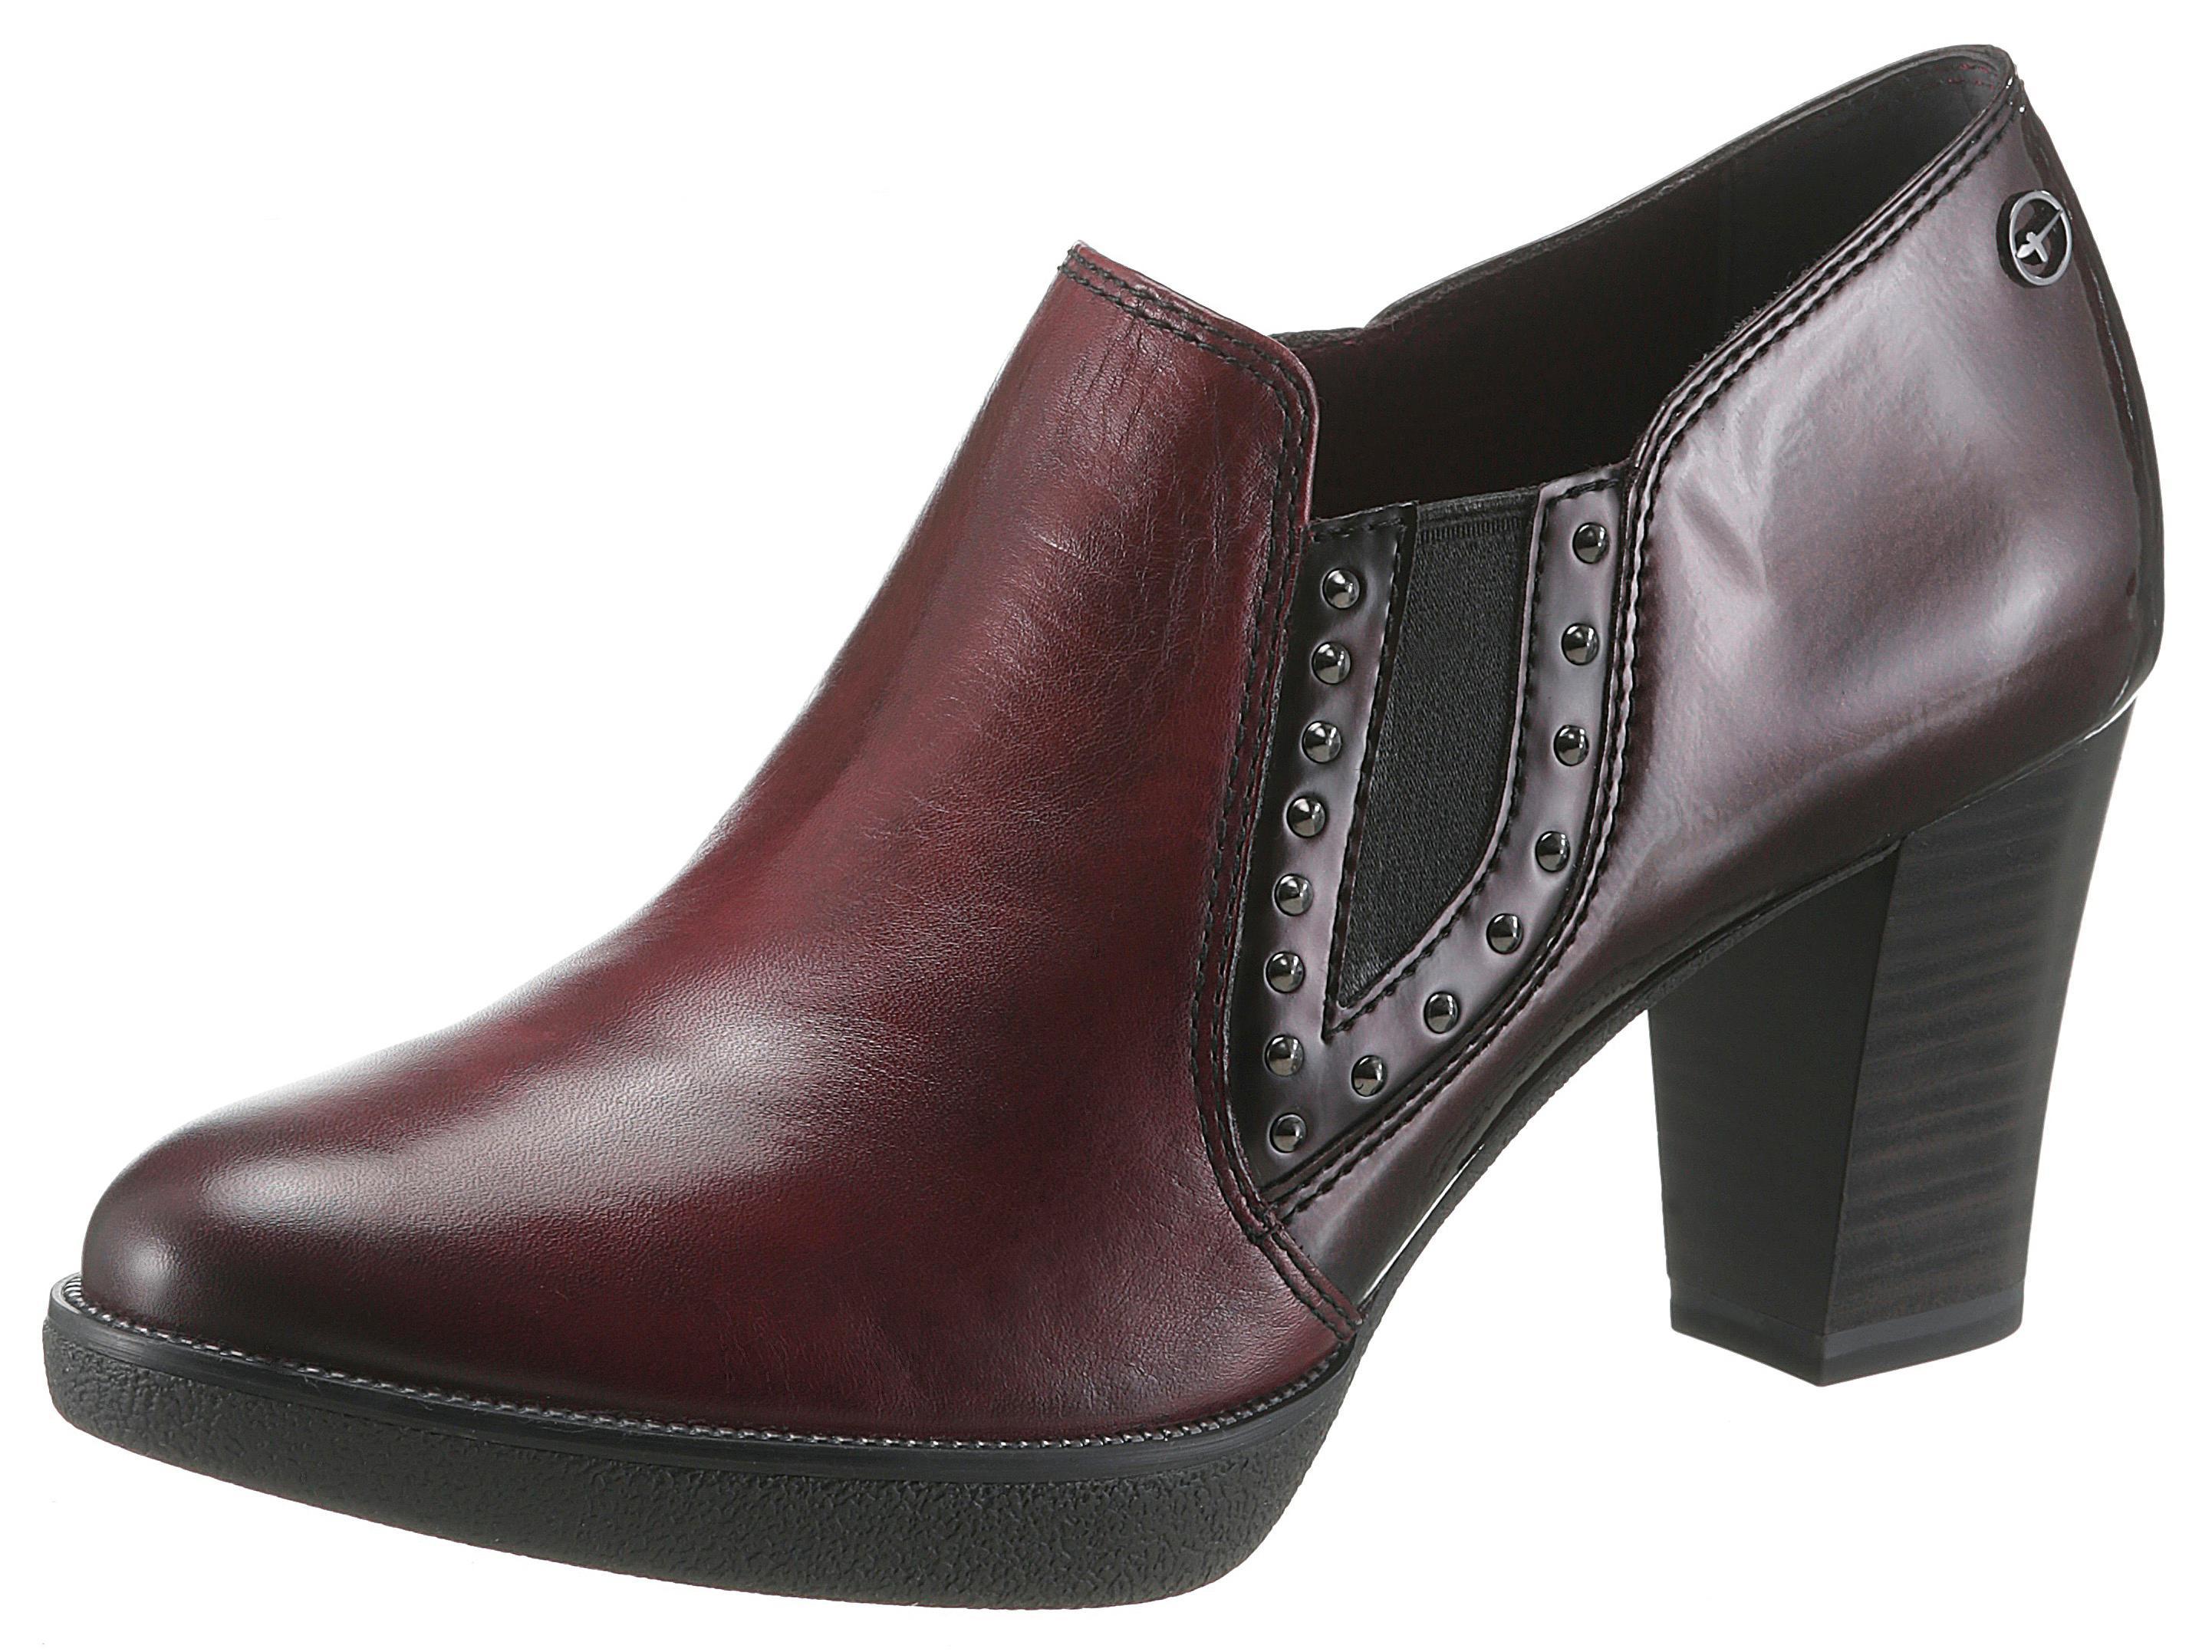 Tamaris Hochfrontpumps | Schuhe > Pumps > Hochfrontpumps | Rot | Leder | Tamaris